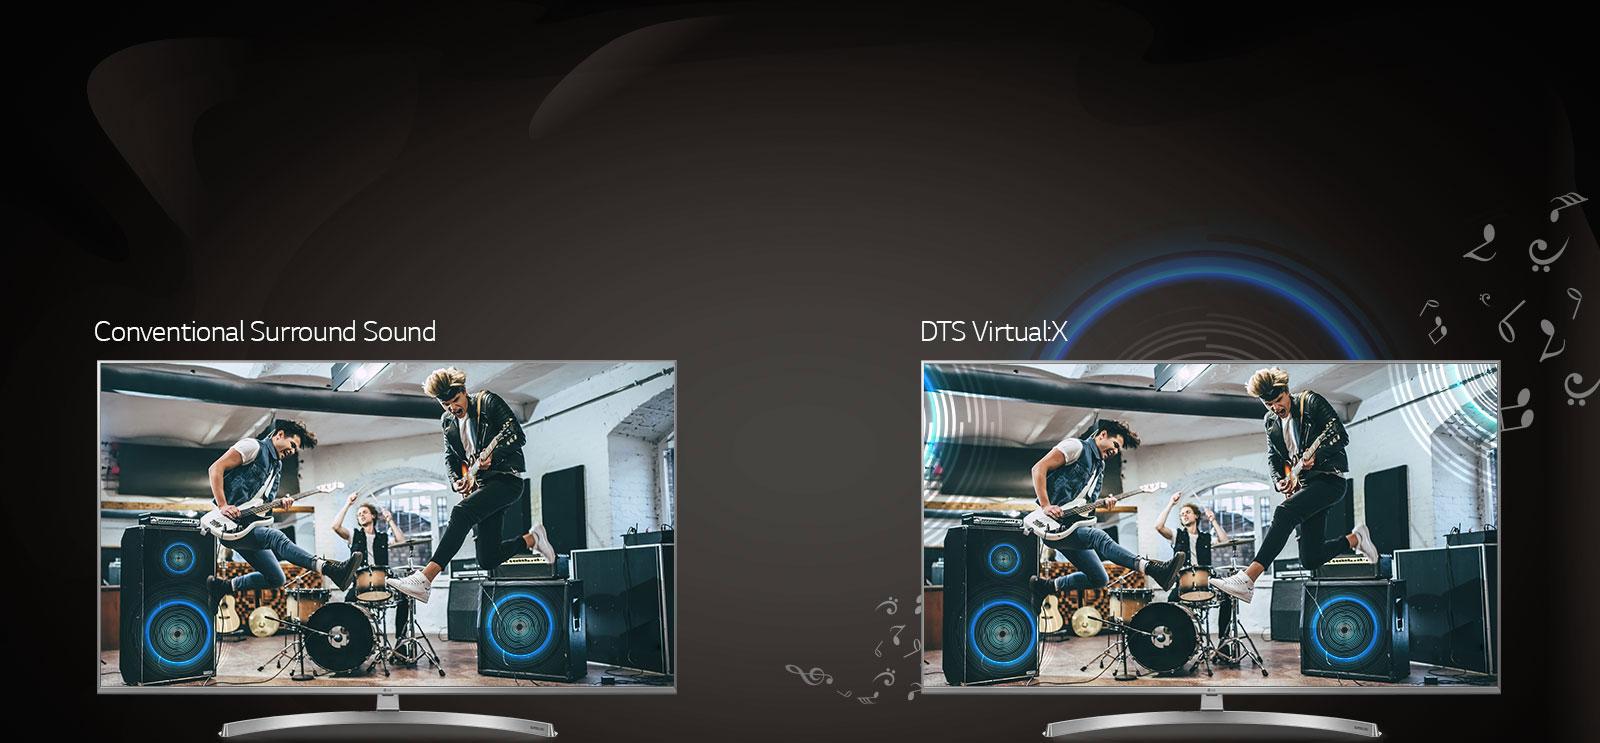 DTS Virtual : X UHD 2018